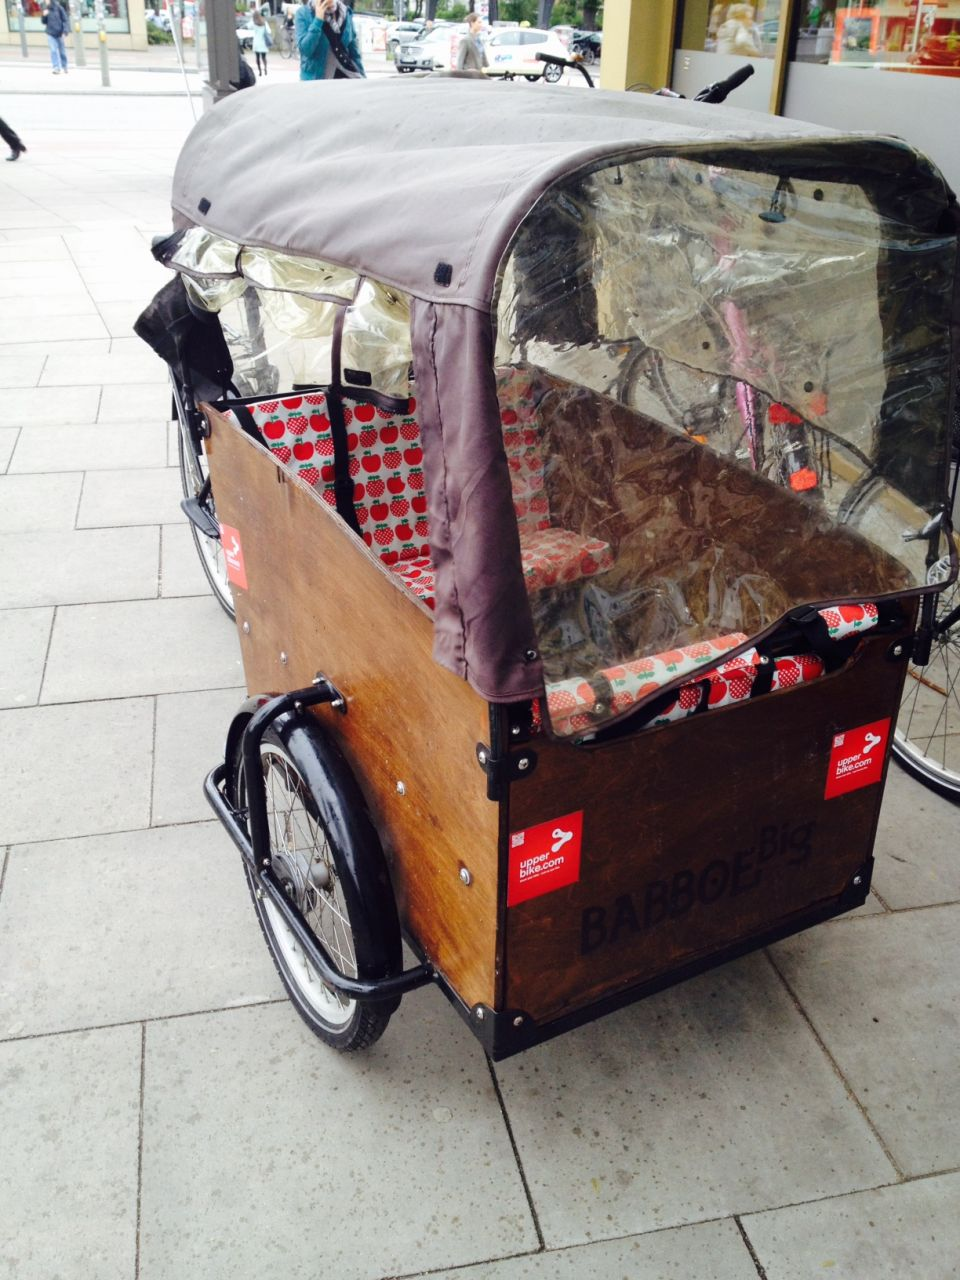 Gestern habe ich meine Familienkutsche vermietet fürs Wochenende in Hamburg und vor allem beklebt mit tollen Upperbike-Aufklebern :-)